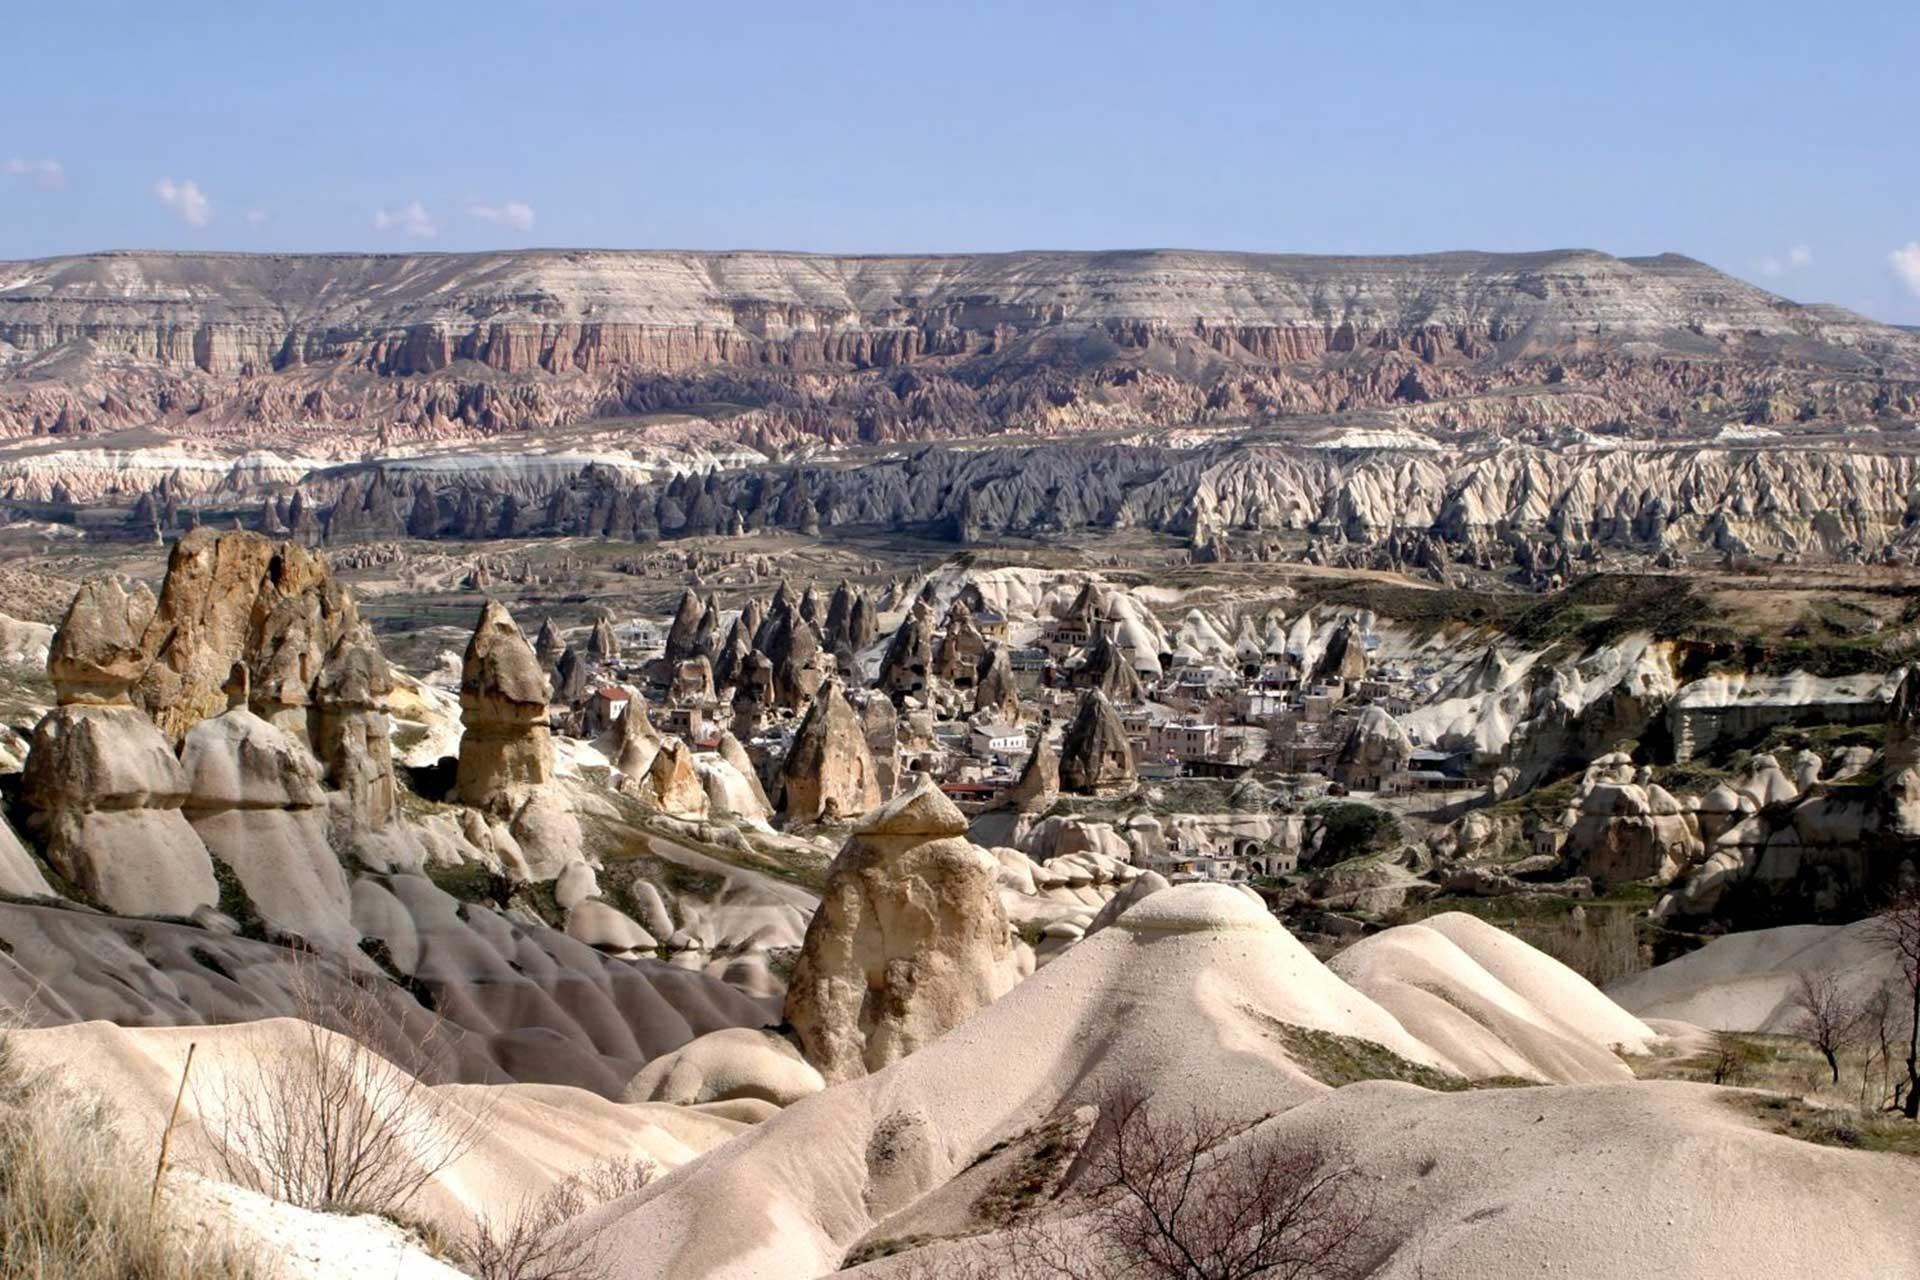 Göreme Vadisi milli park statüsünden çıkarıldı: Tahribatı tekelleştirebilecek süreç